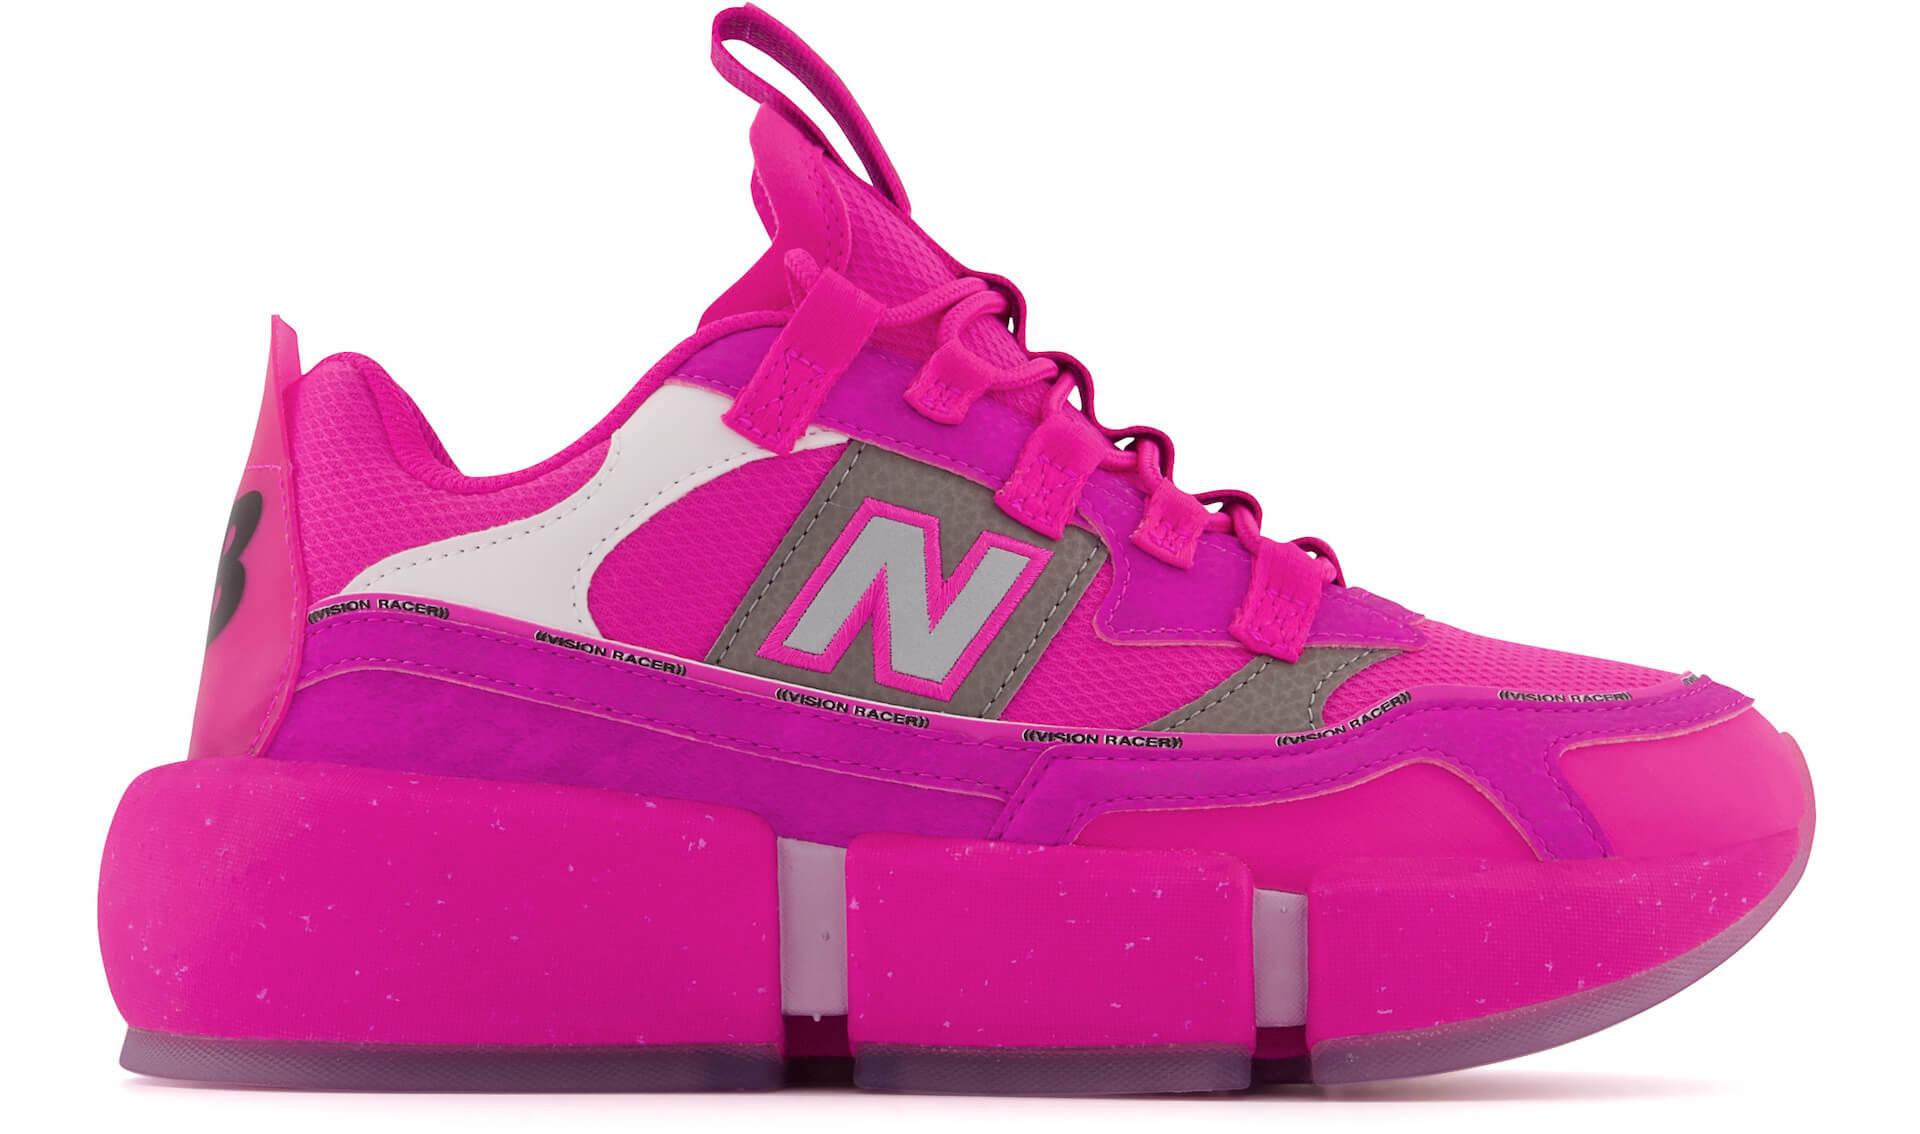 ニューバランスとJaden Smithのコラボモデル「Vision Racer」に鮮やかなピンクが登場! life210514_newbalnce_jaden_8